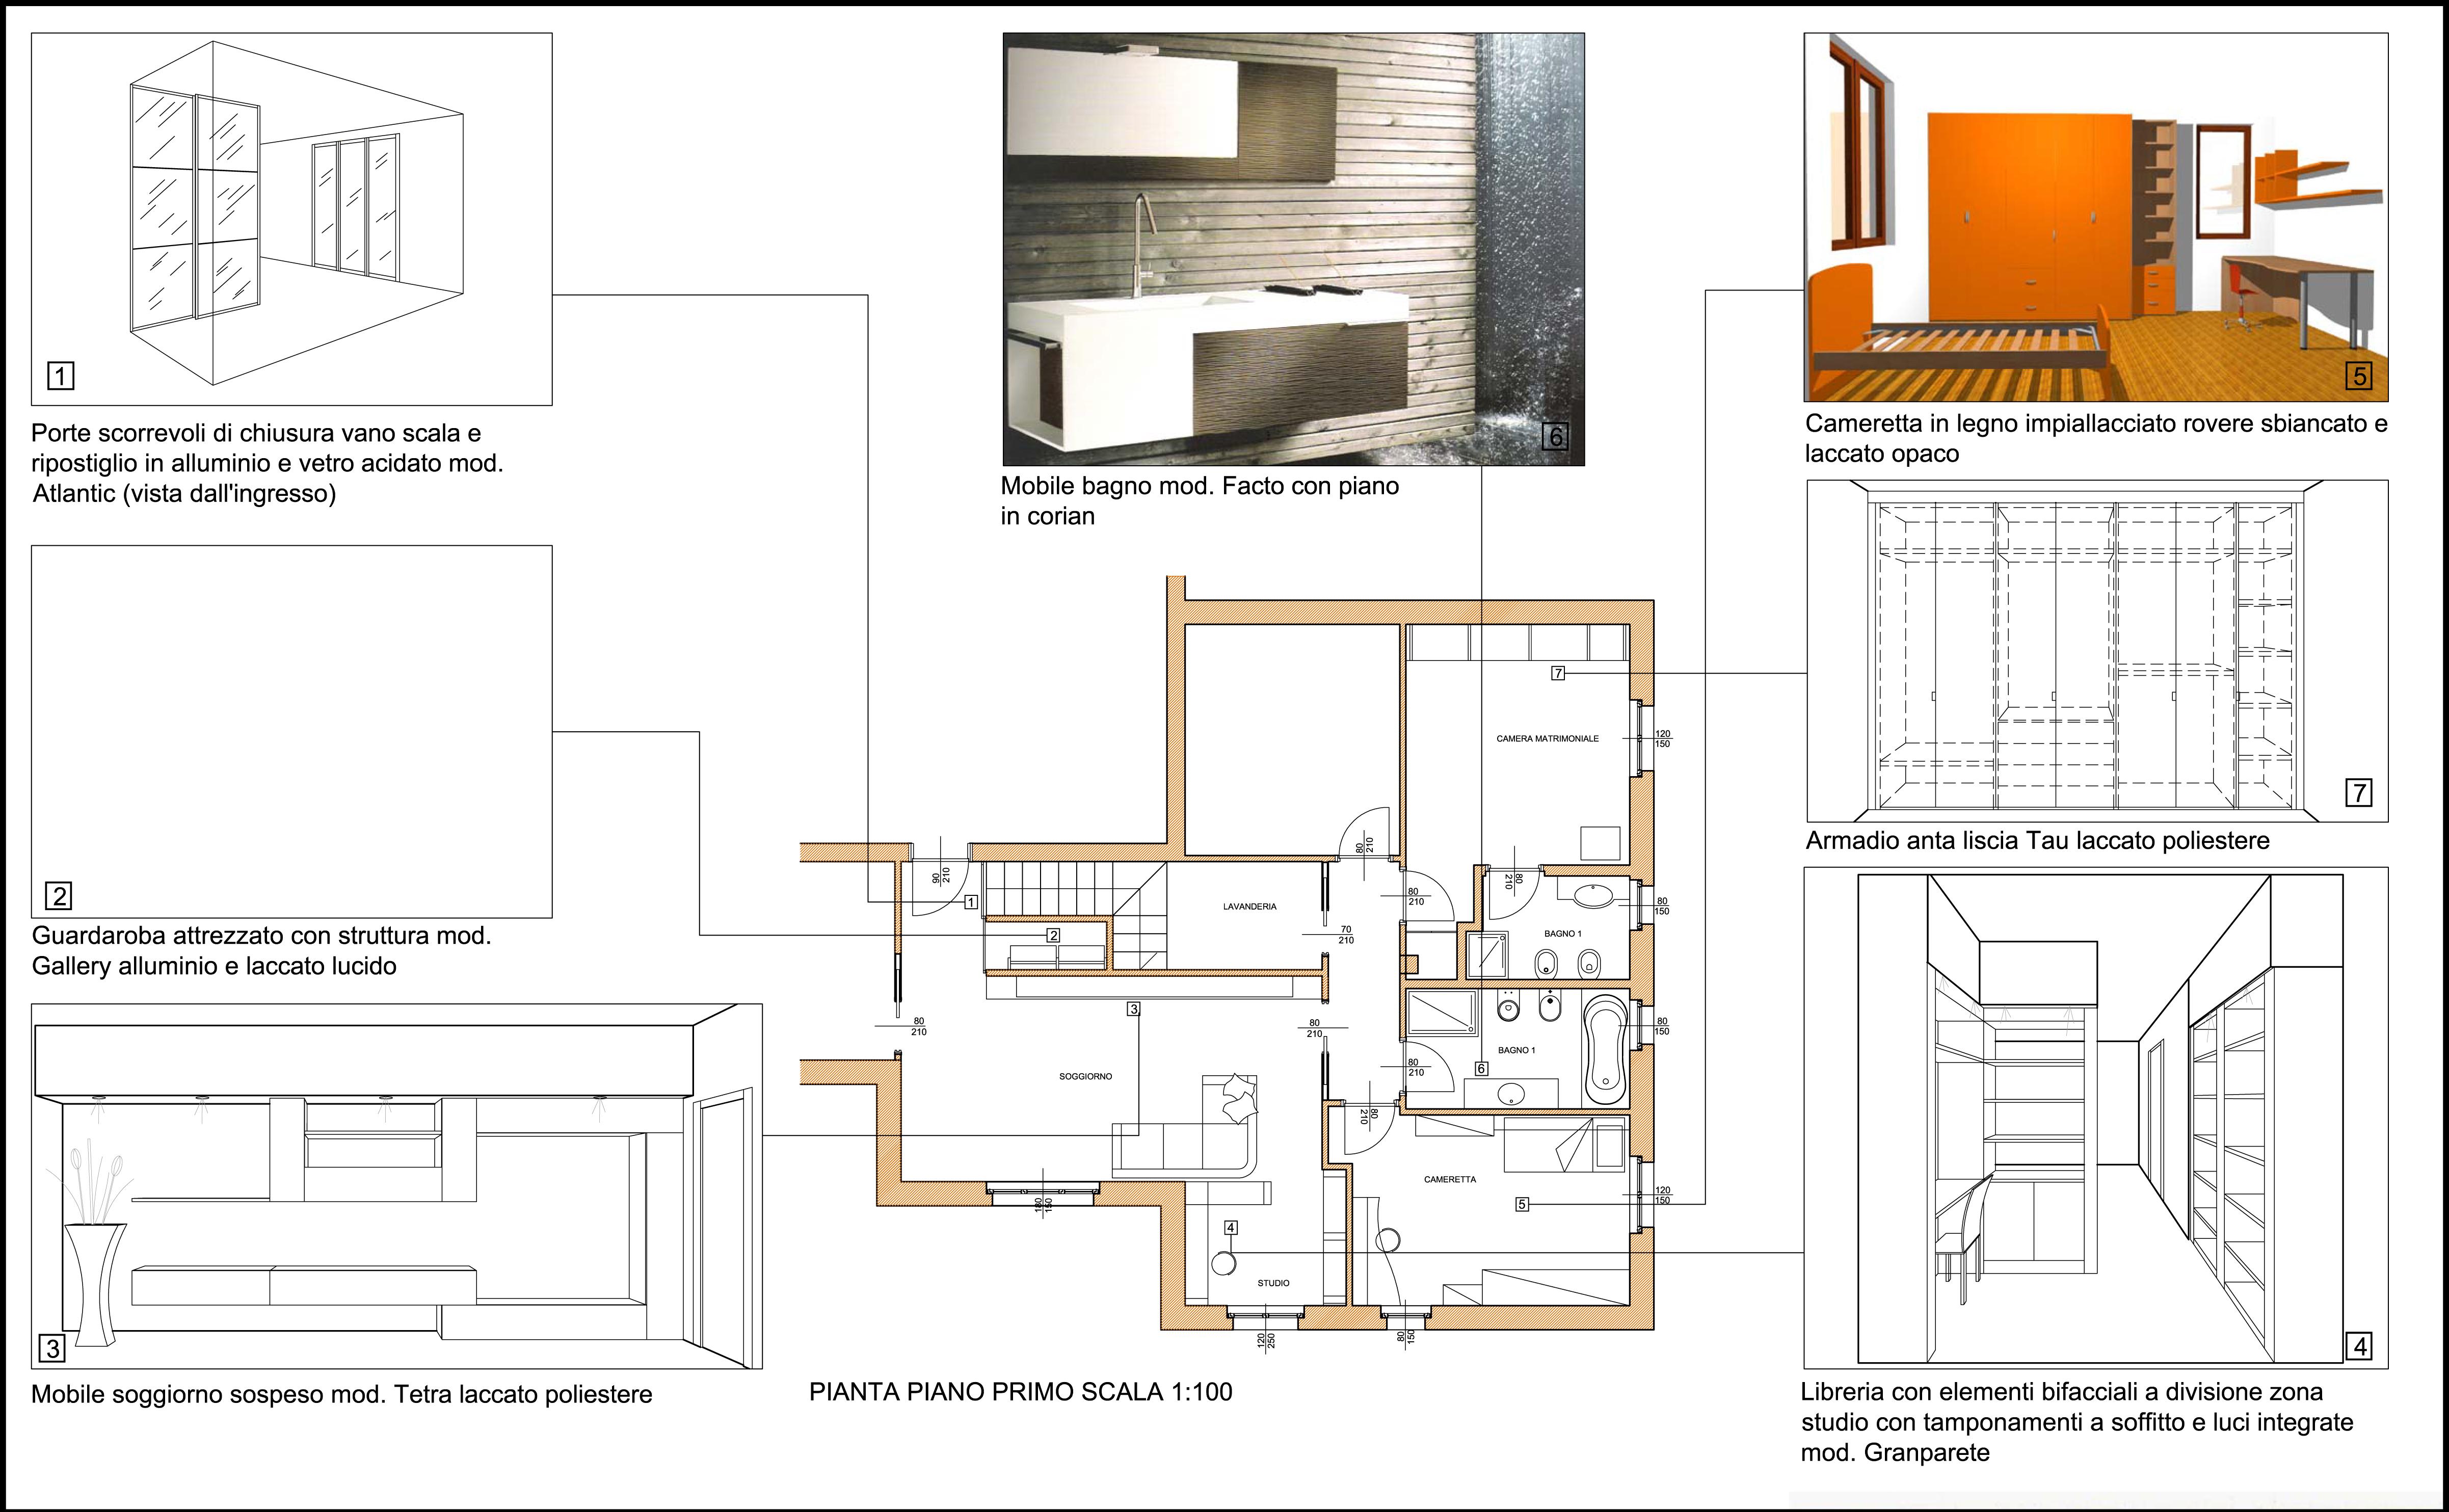 Interior design studio alber arredorelax molto pi che - Letto dwg prospetto ...